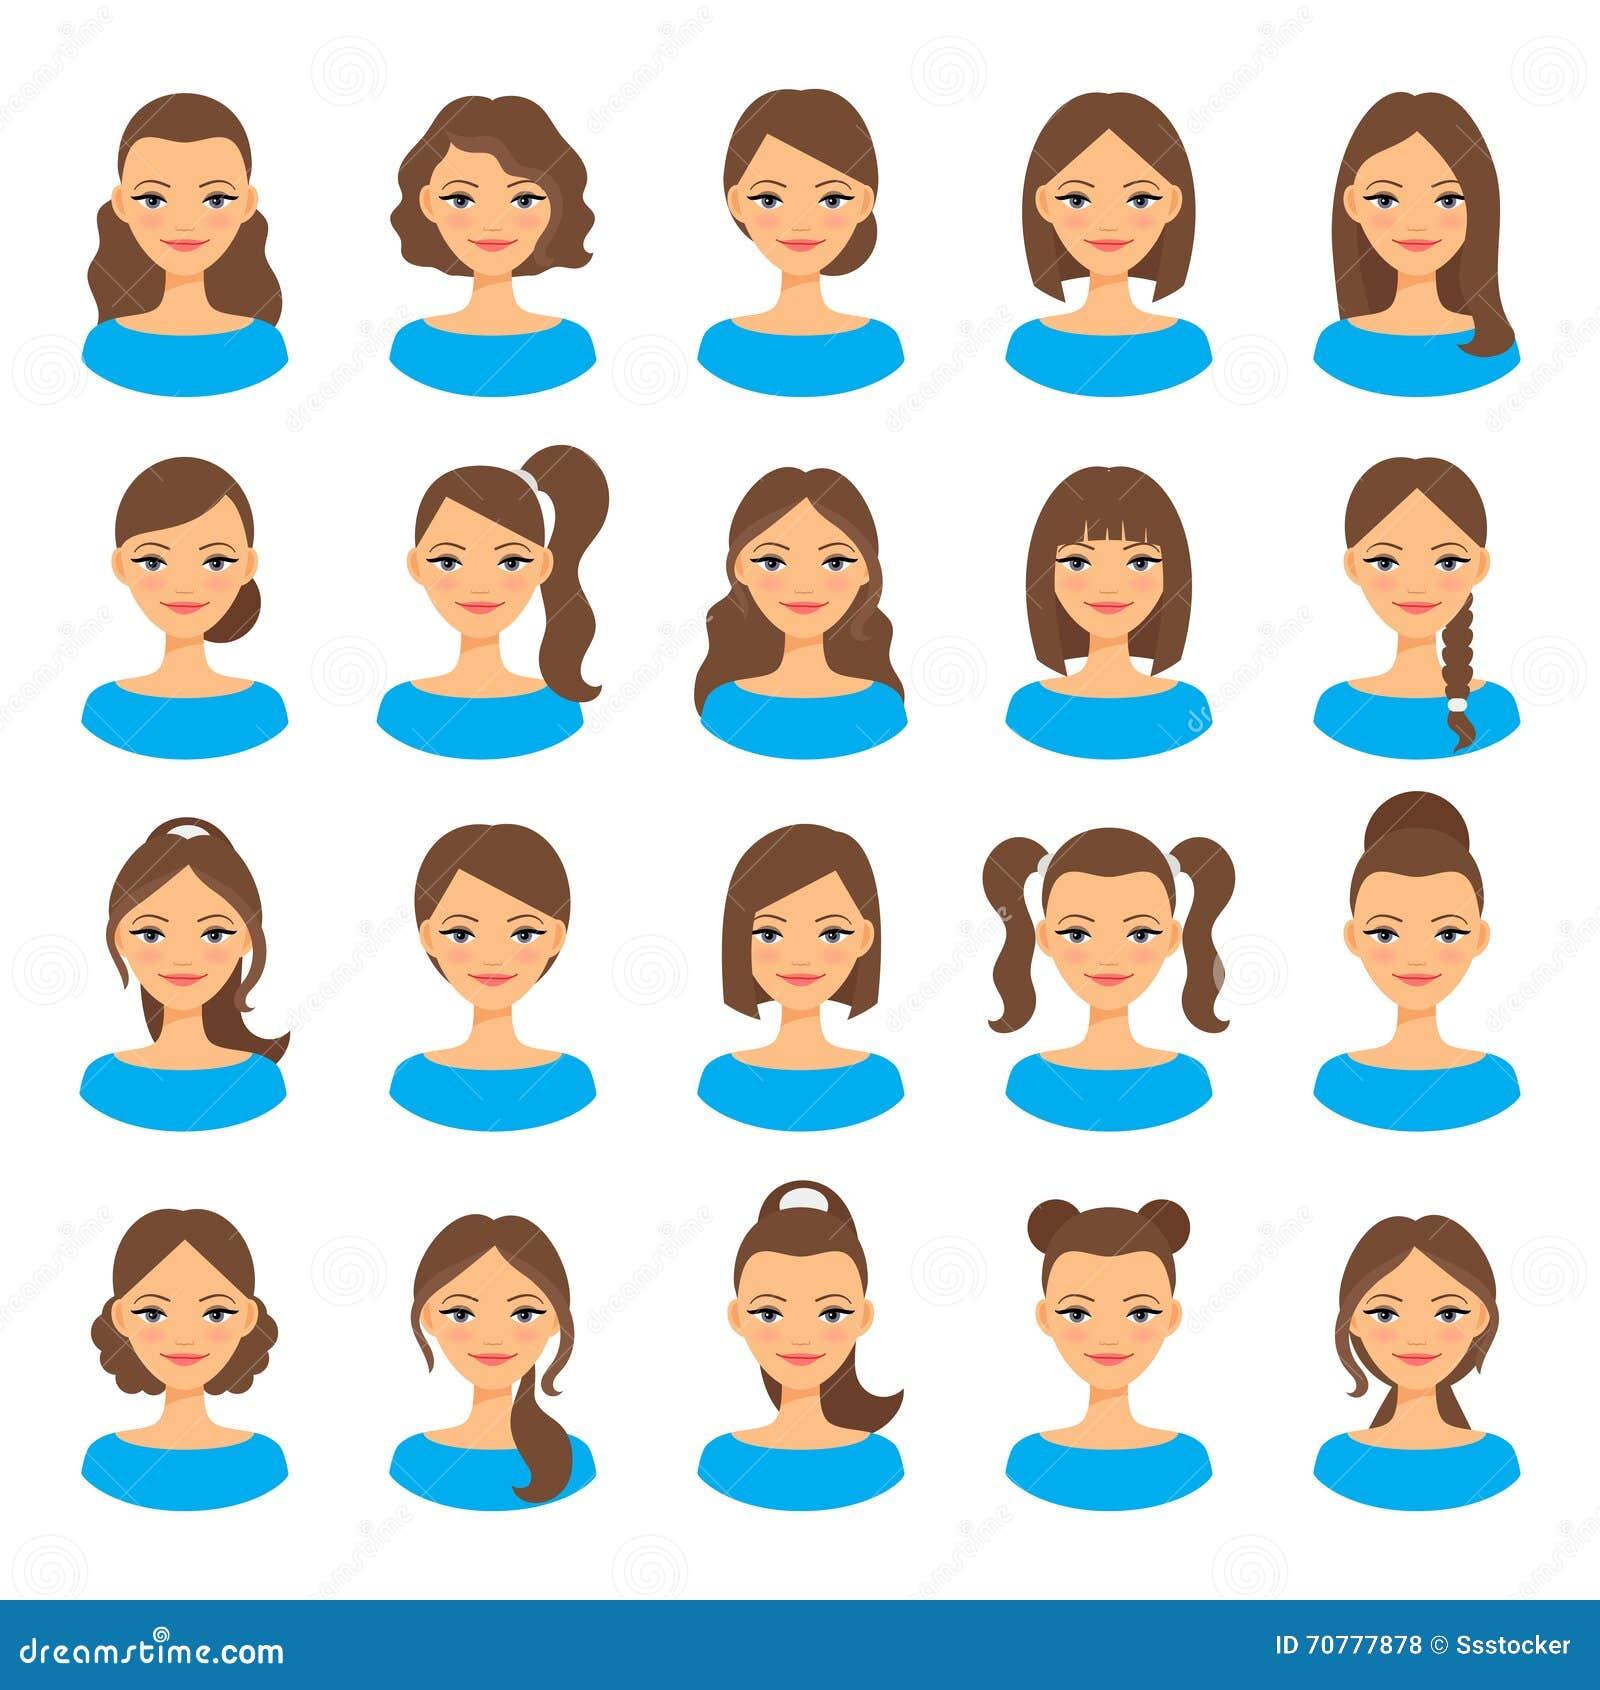 Verschiedene Haarschnitte Hashtoken Net